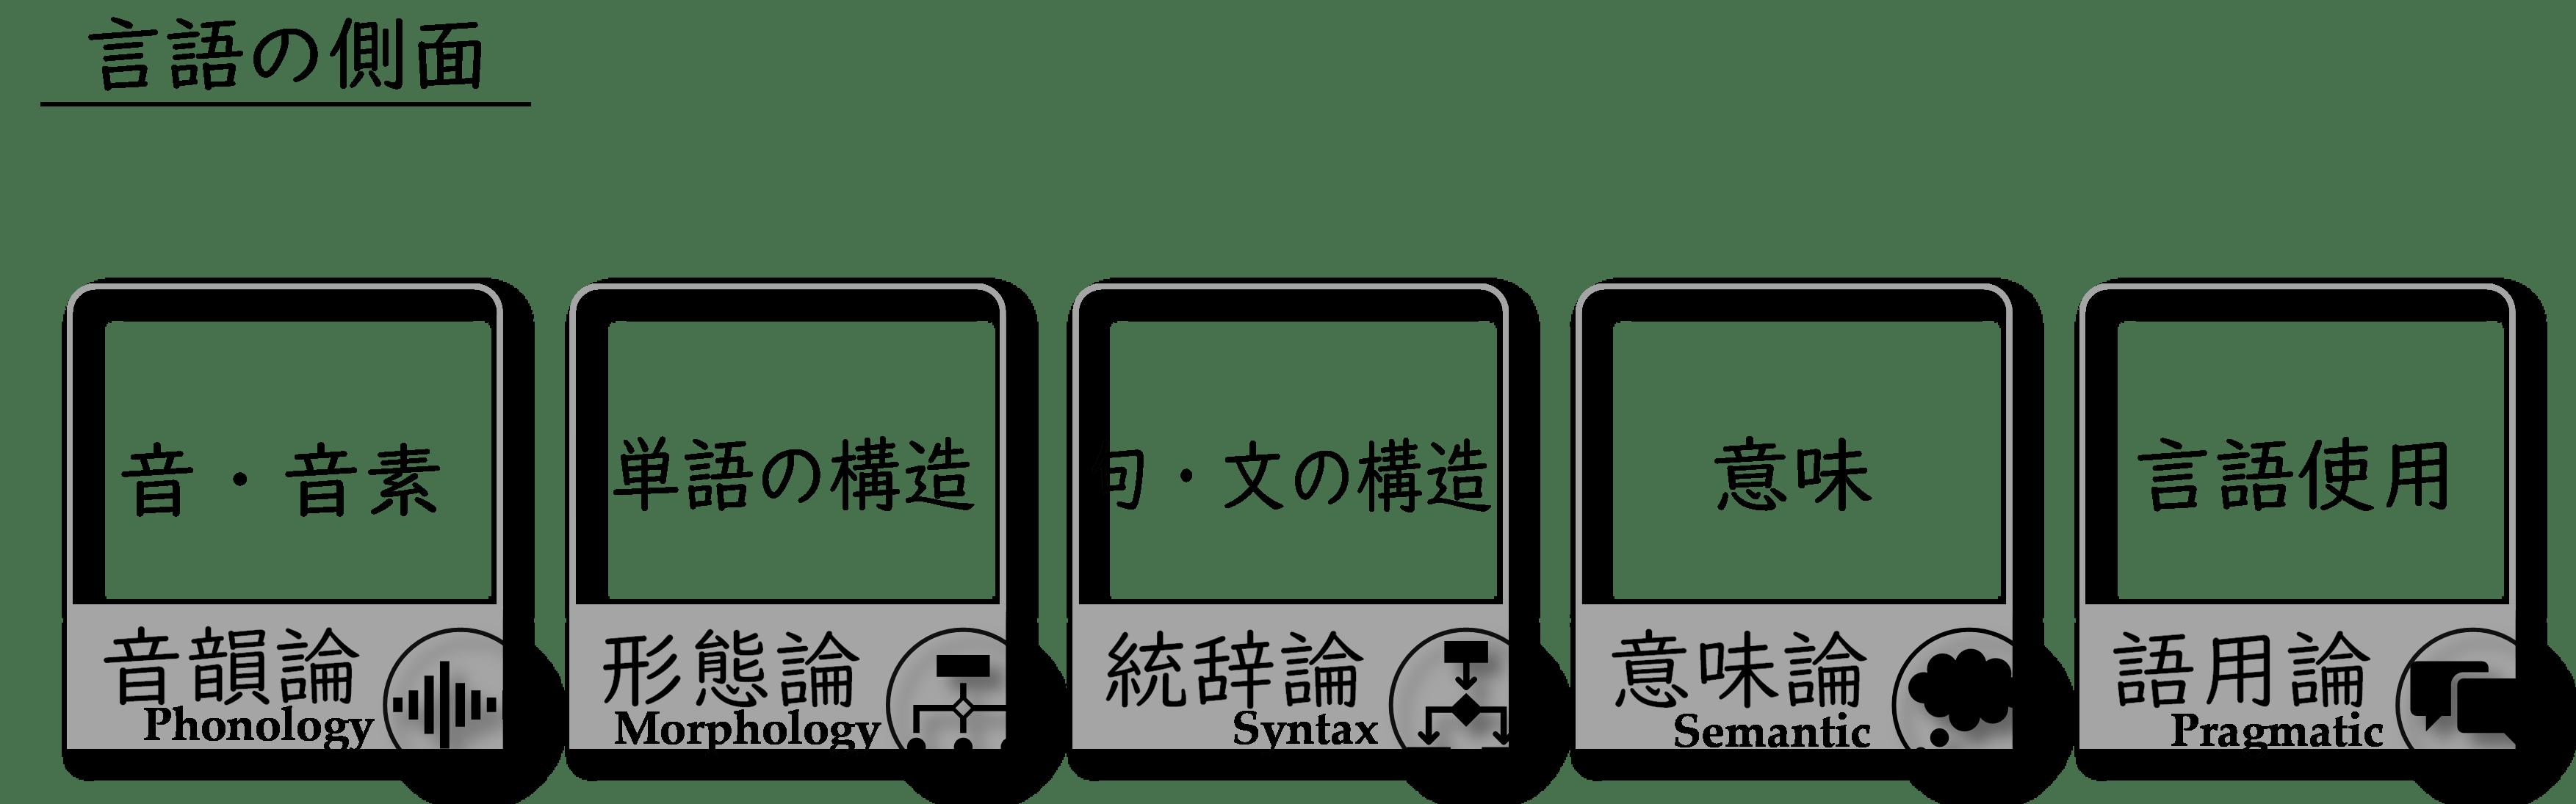 内的言語学(音韻論・形態論・統辞論・意味論・語用論)